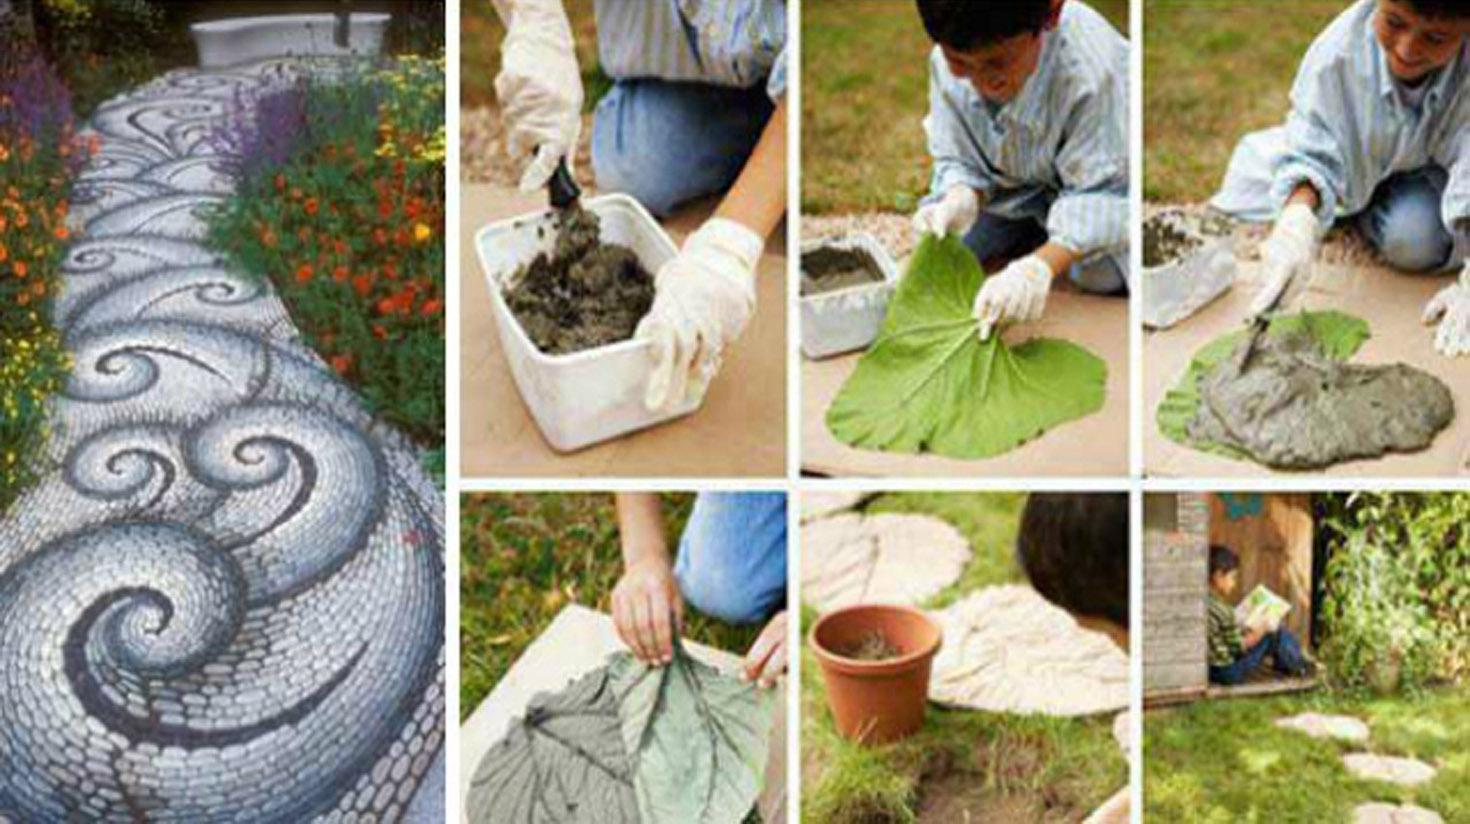 12 Idées Pour Aménager Vos Allées De Jardin ! | Diy Seloger avec Idée Déco Jardin Extérieur Pas Cher